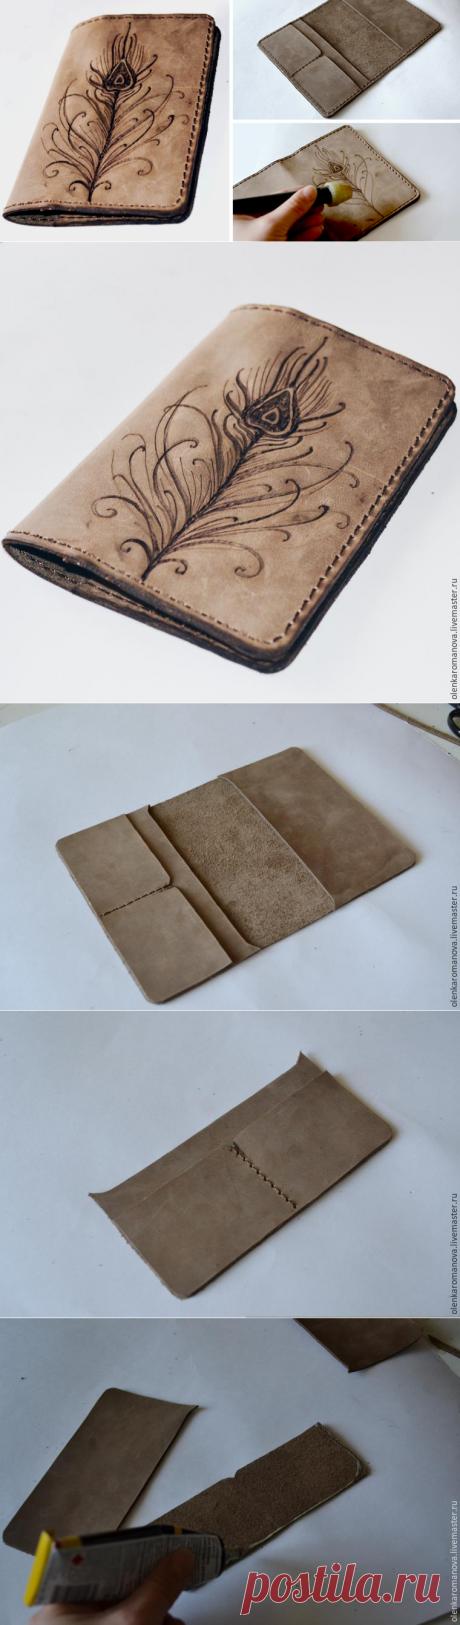 Легкий проект: Обложка для паспорта из Жженого пера: статьи и самоделки – Livemaster